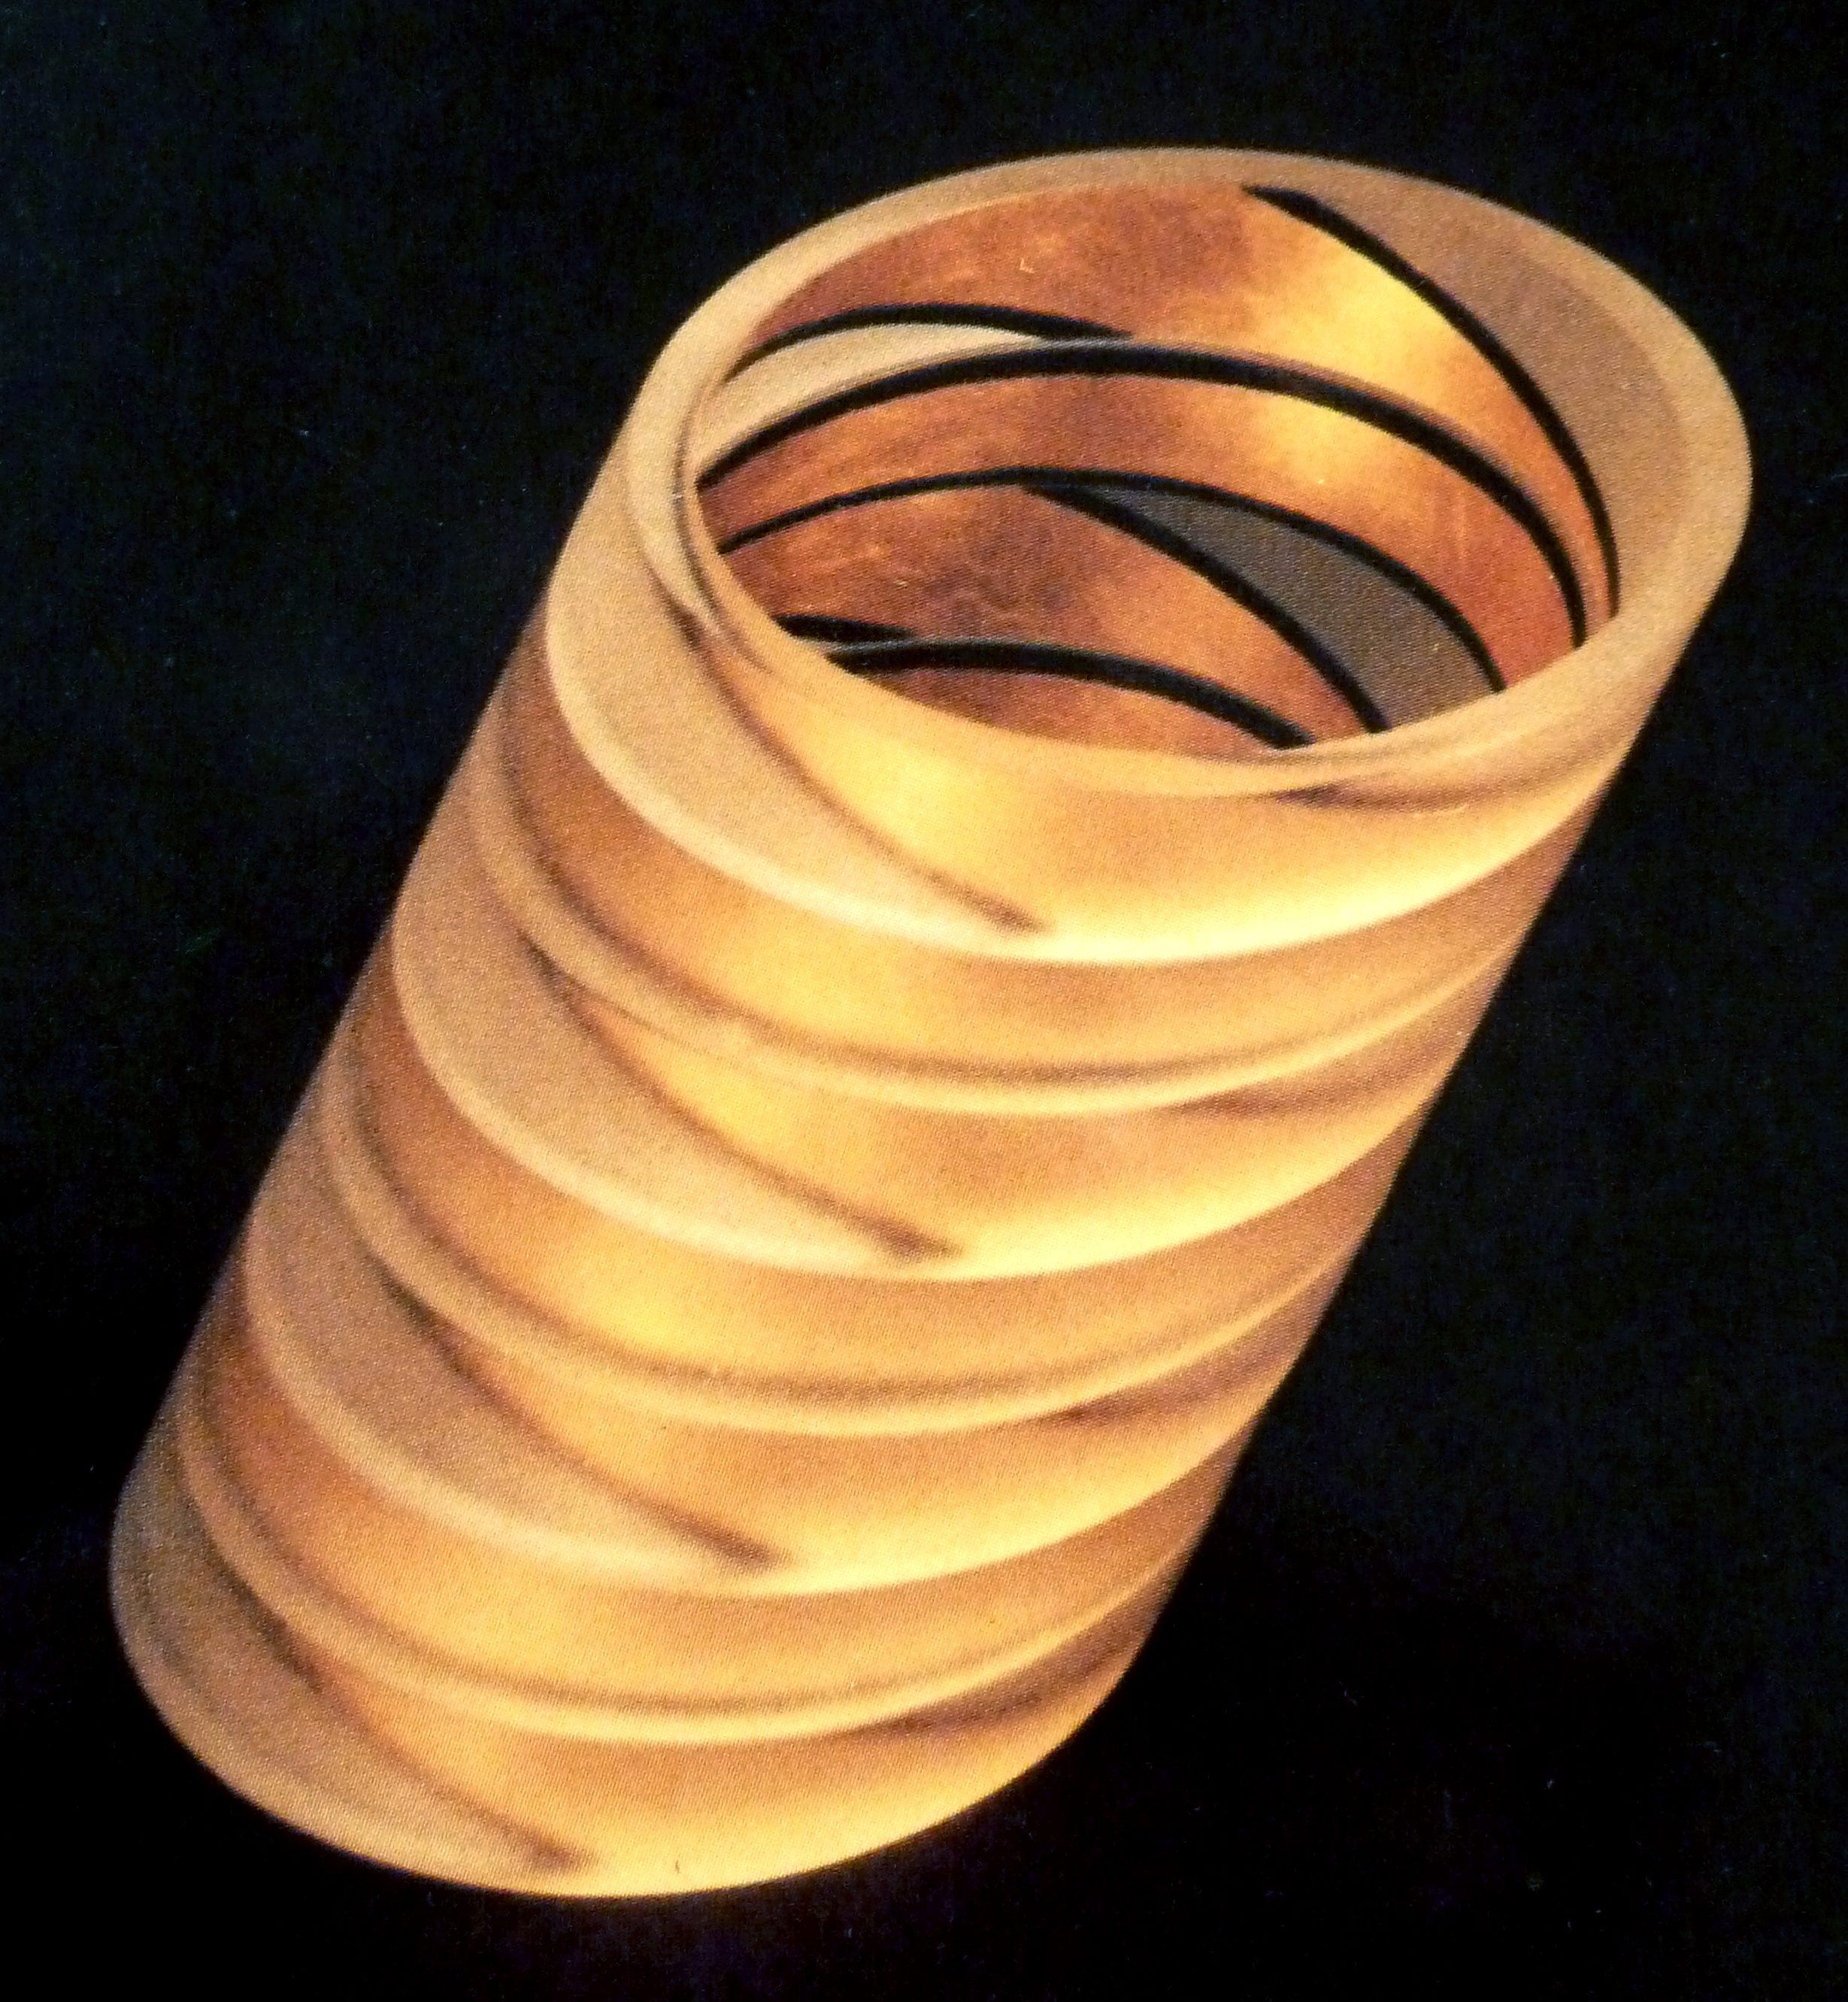 Bel Design, Eleonoor van Beusekom, Birgit Laken, armbanden, circa 1985. Foto met dank aan Birgit Laken, acrylaat, bladgoud, lak